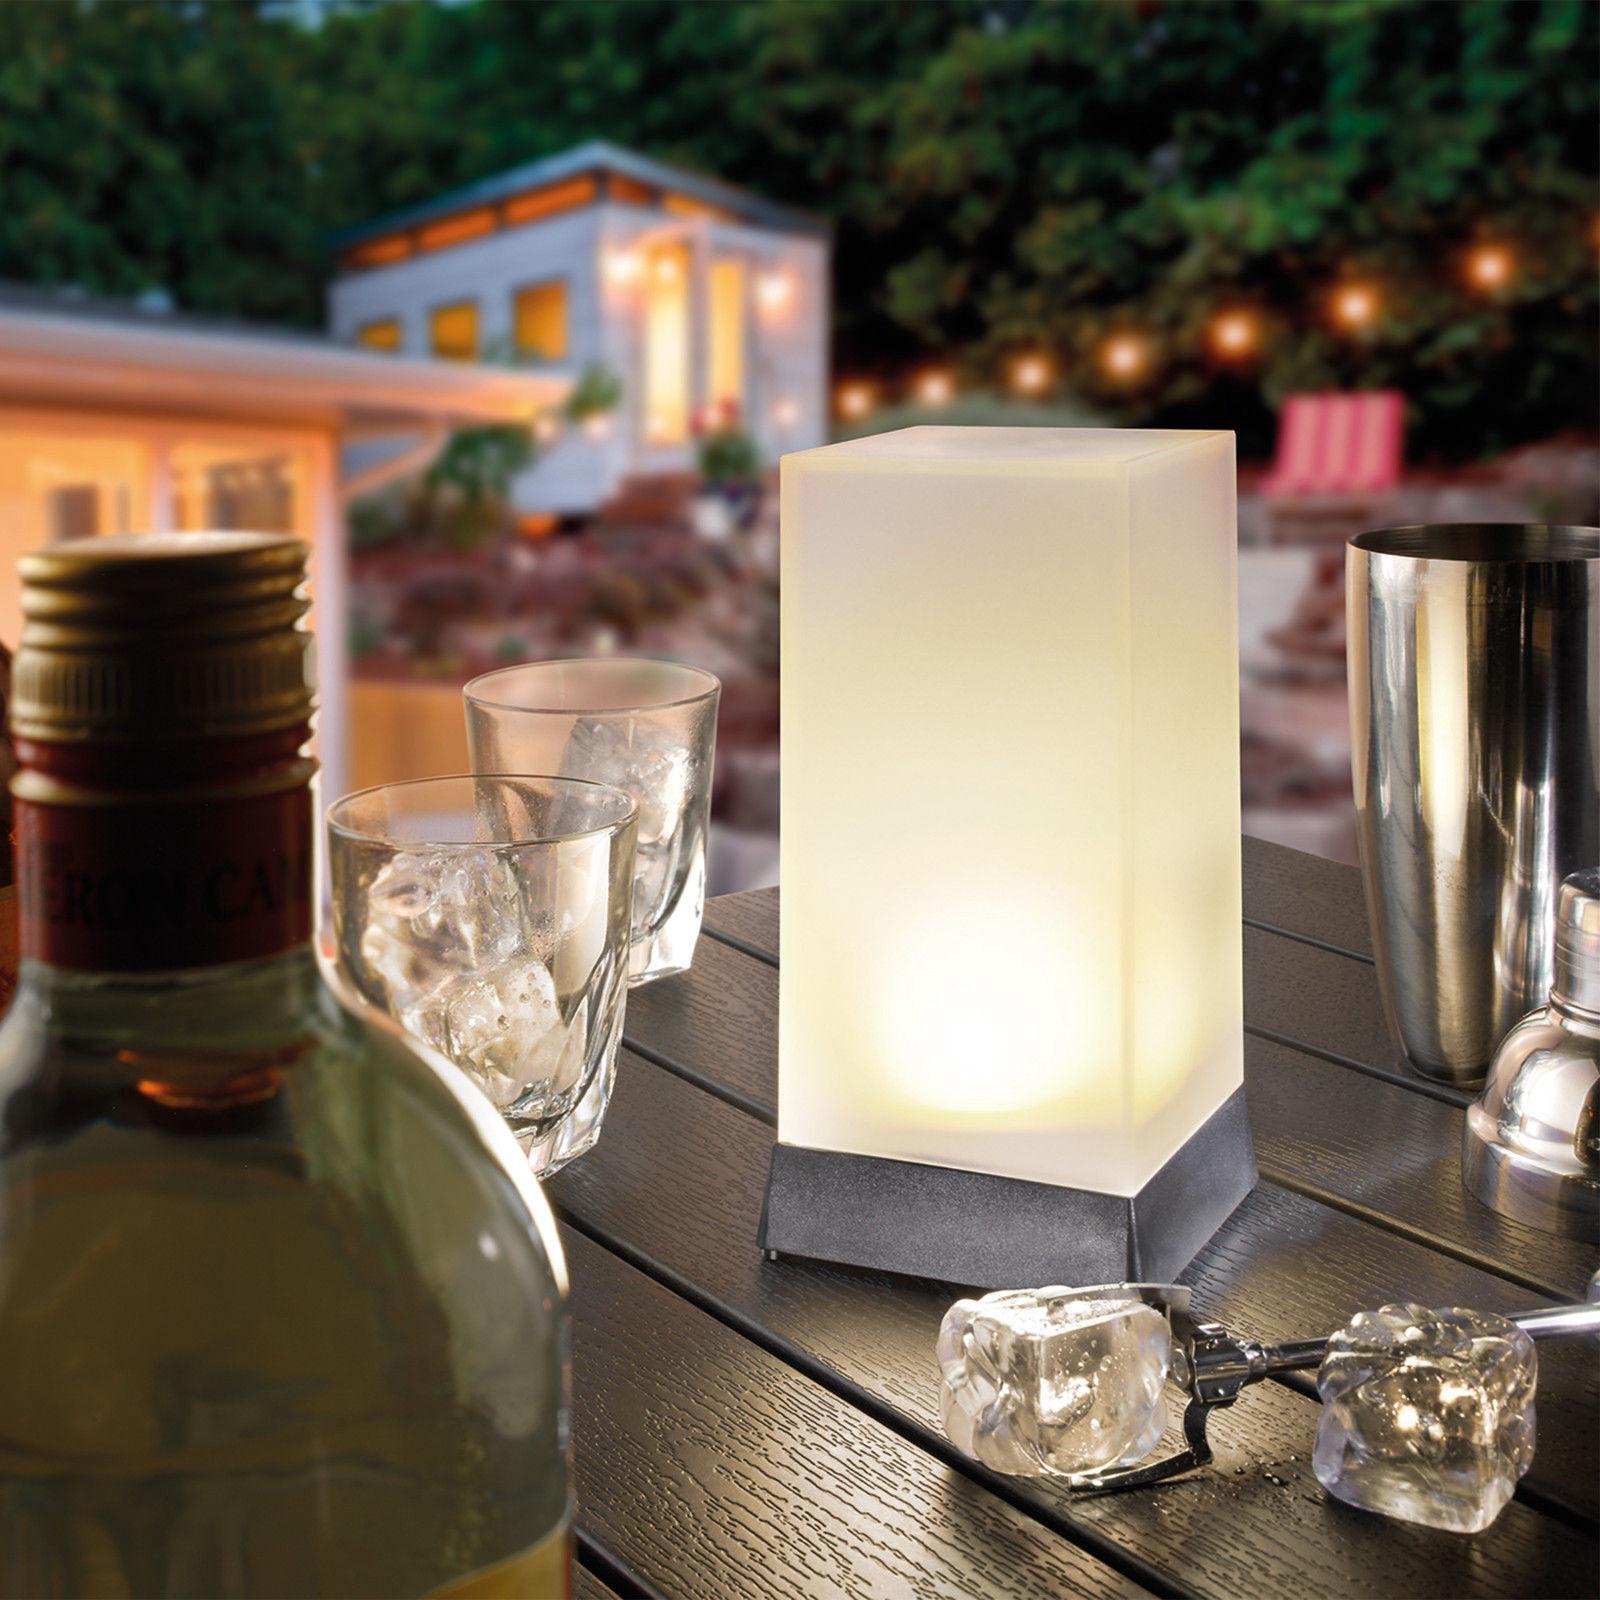 2x Led Solare Luce da Tavolo Lampada Luci Decorative